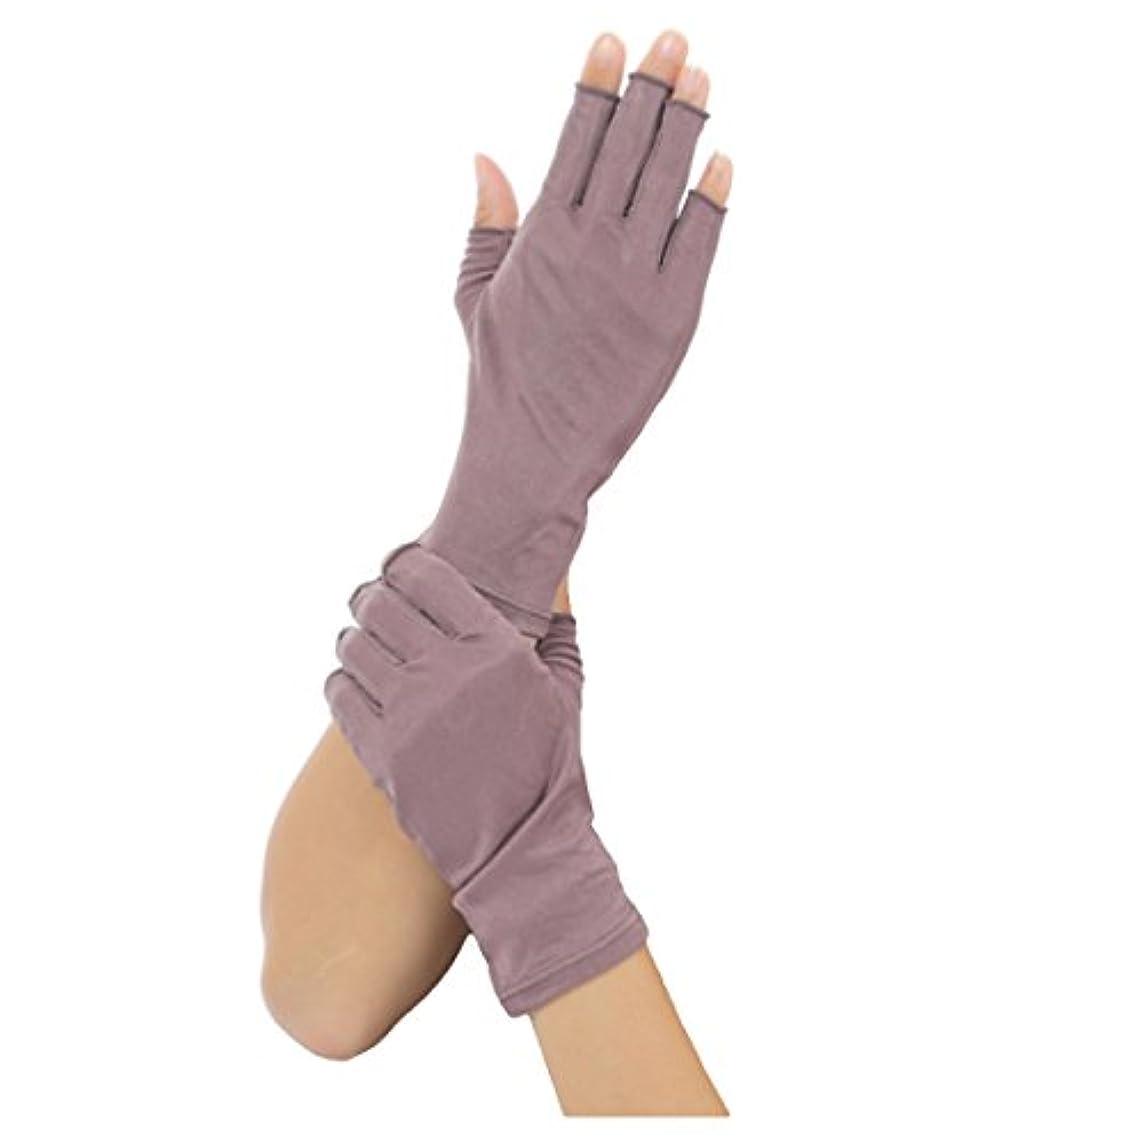 それによってために対応するSilk 100% シルク 手袋 指先カット タイプ 薄手 オールシーズンOK 外出時の 紫外線 UV 対策 スマホ PC 操作 や ICカード 取り出しもらくらく! 手首 ゆったり おやすみ フィンガーレス スキンケア...